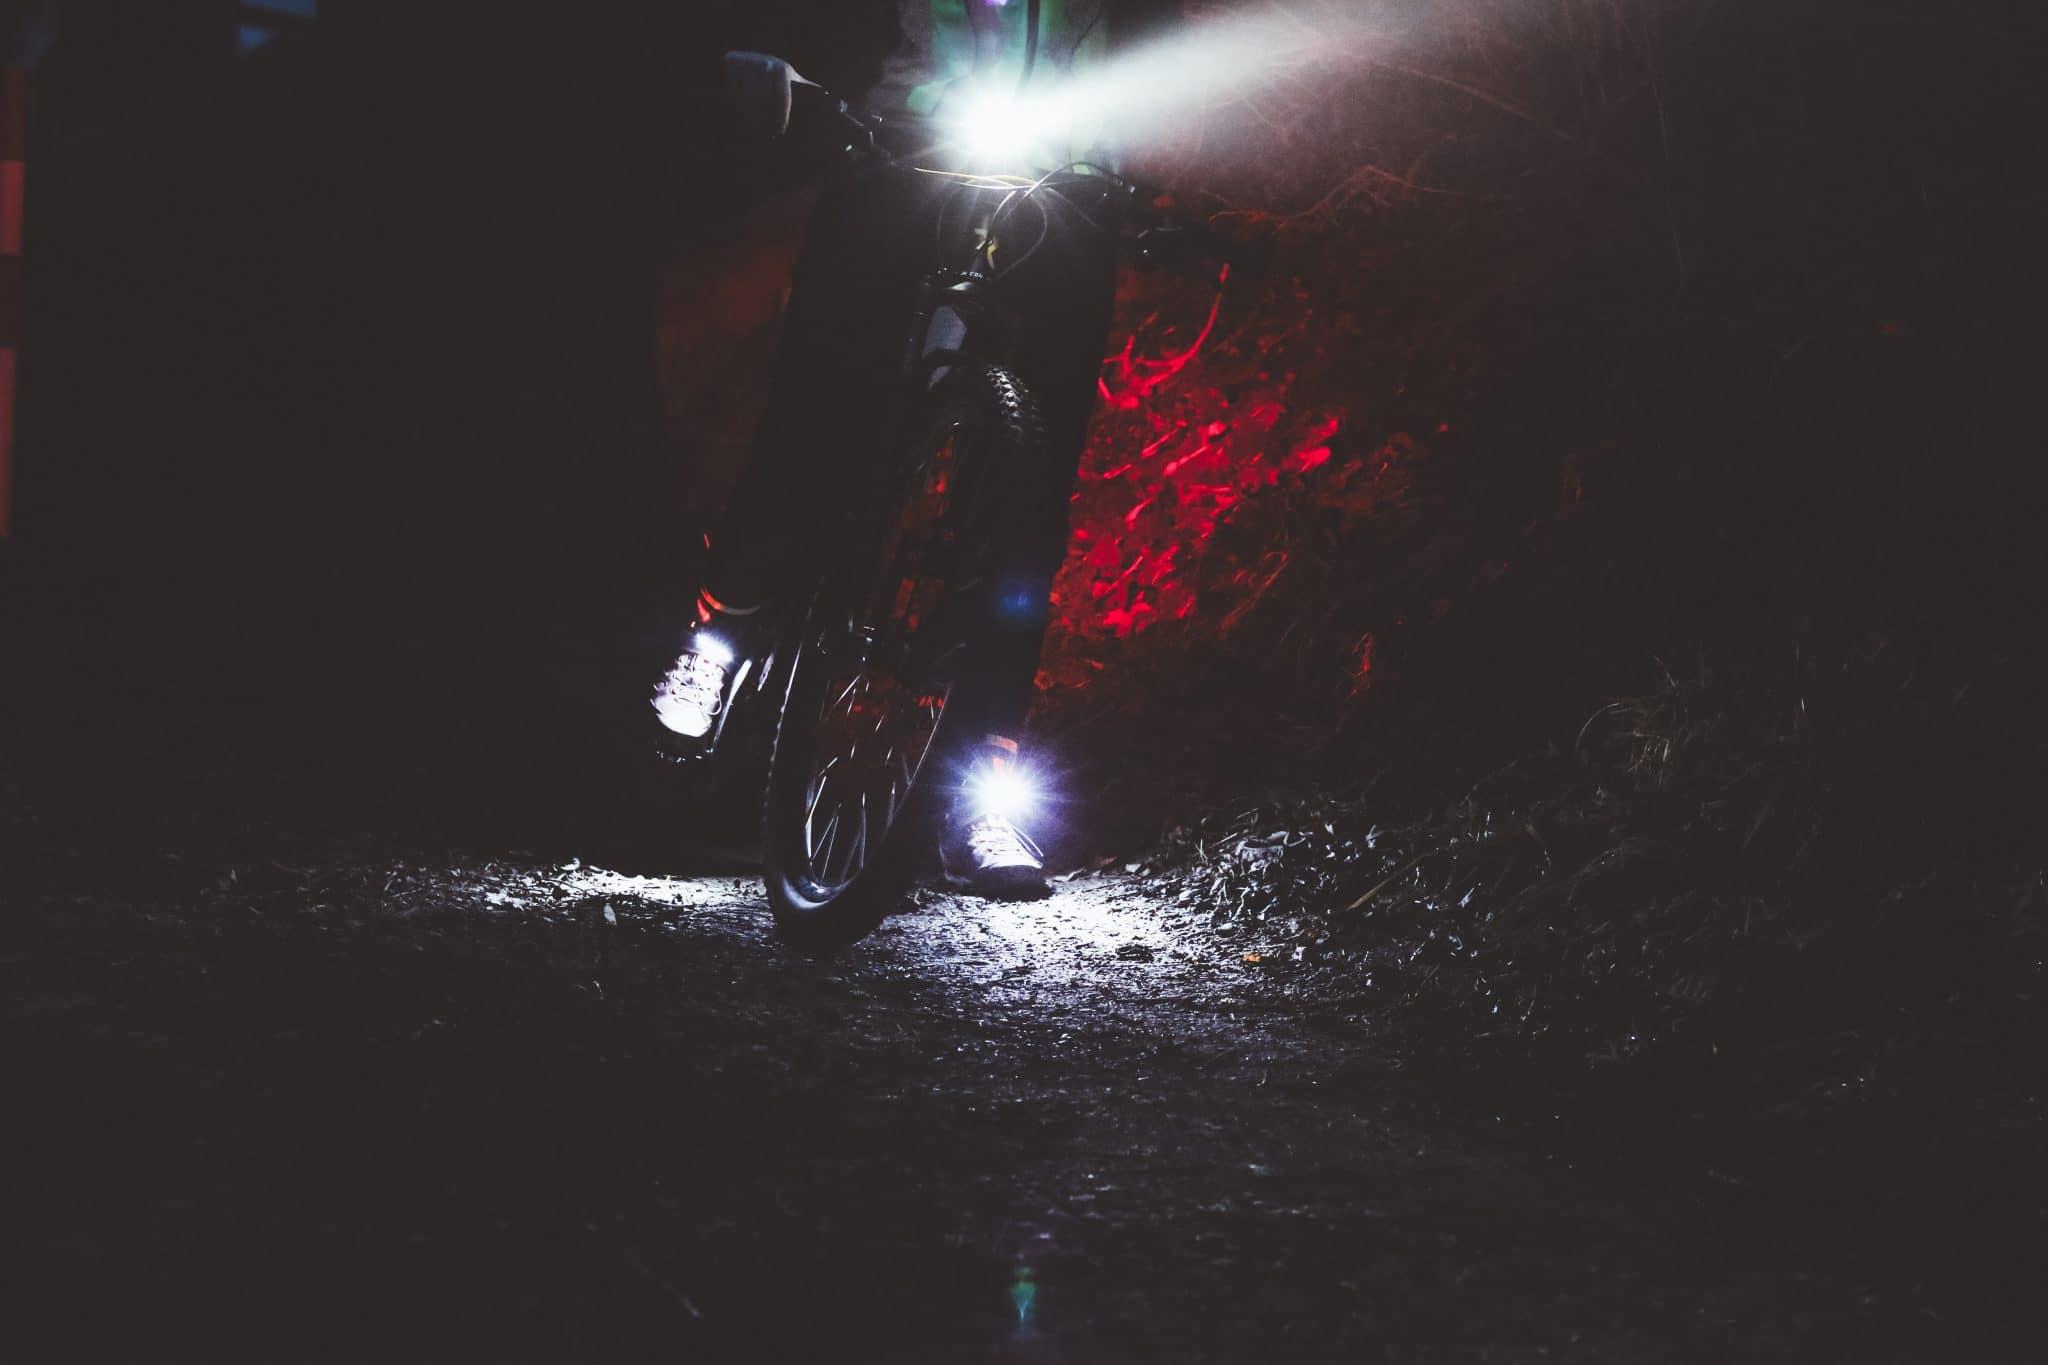 Radfahren im Dunkeln - Sicher mit dem Fahrrad bei Nacht mit der passenden Beleuchtung Night Runner 270 Night Tech Gear Germany